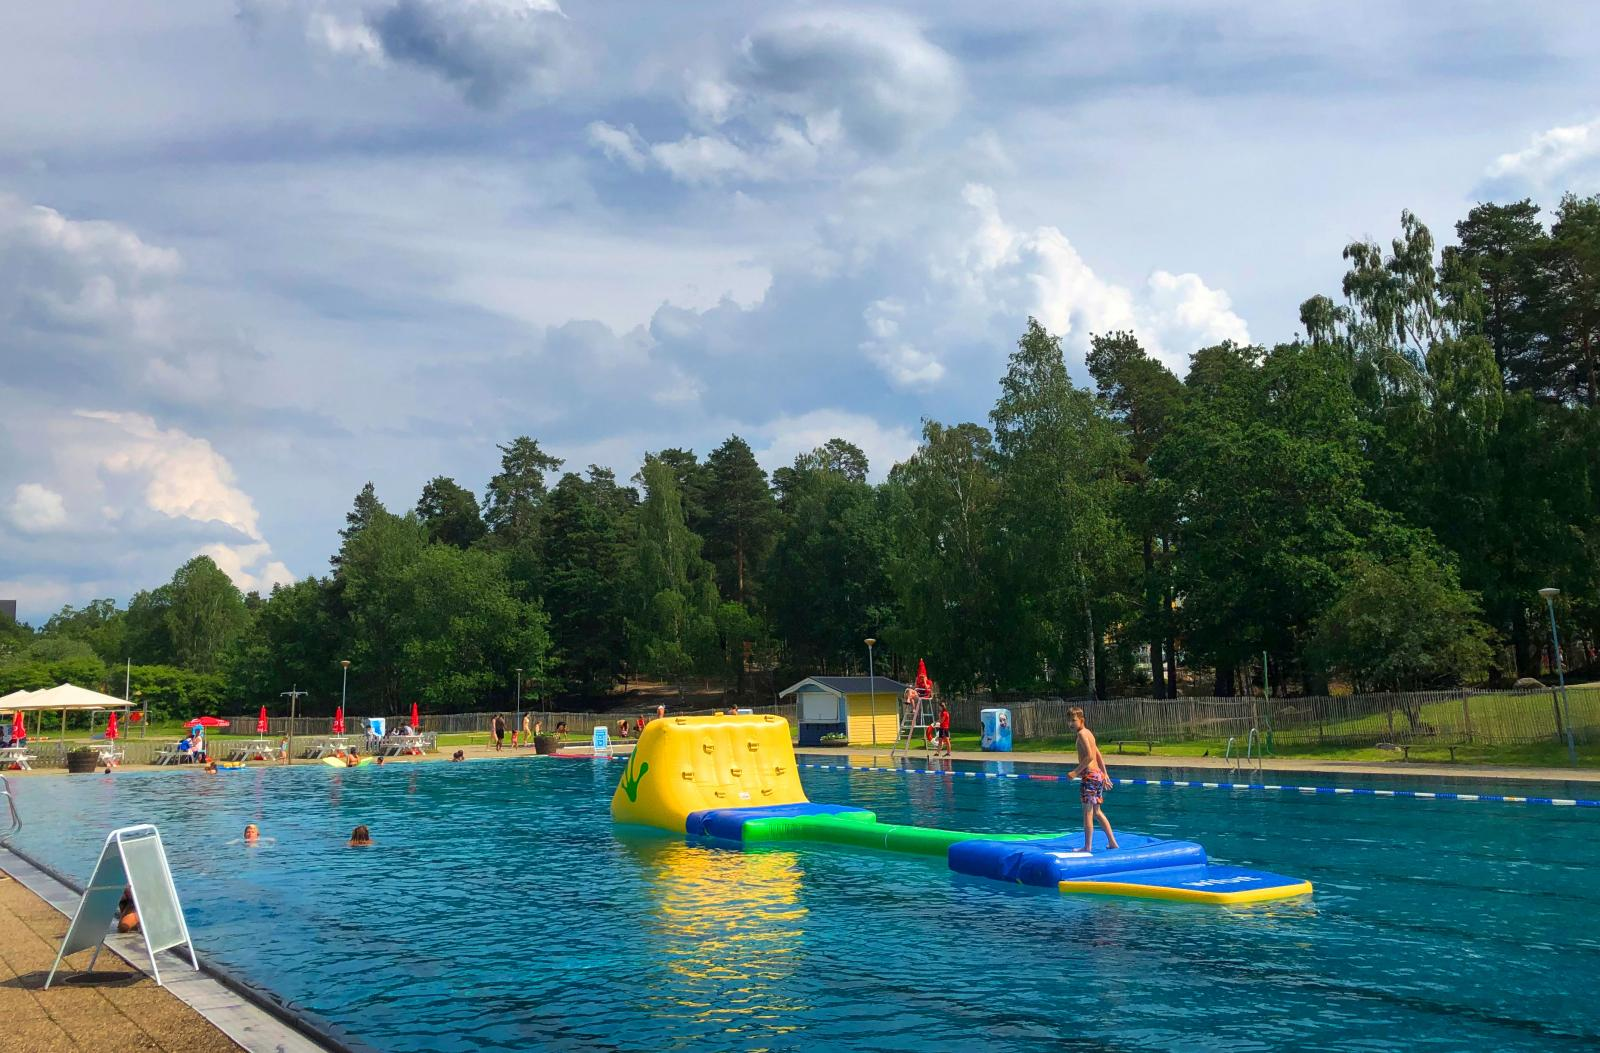 Håll utkik på parkens hemsida för att se hur öppettiderna ser ut för i år.